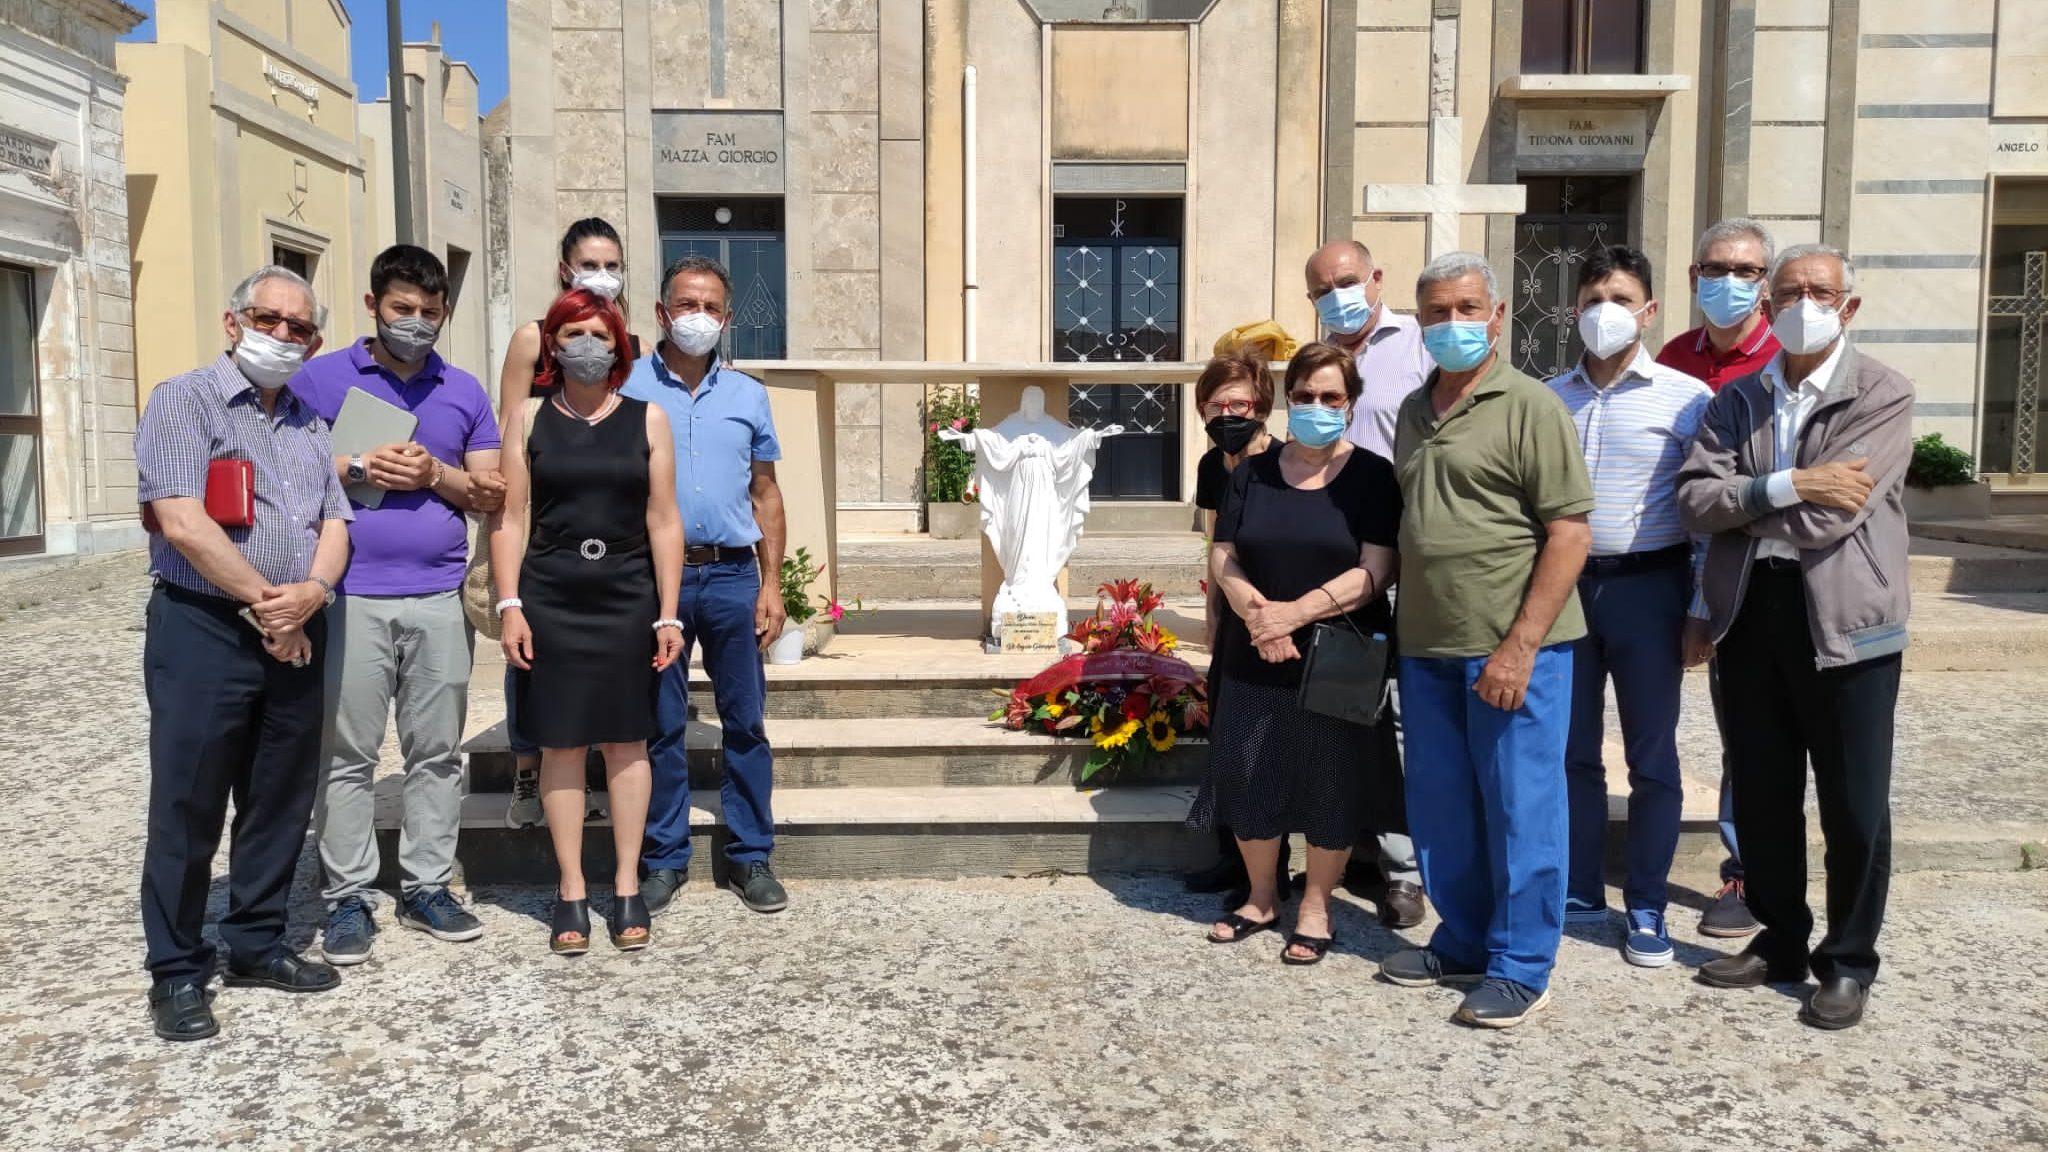 Sacro Cuore di Gesù, benedetta la statua donata dalla famiglia Falbo